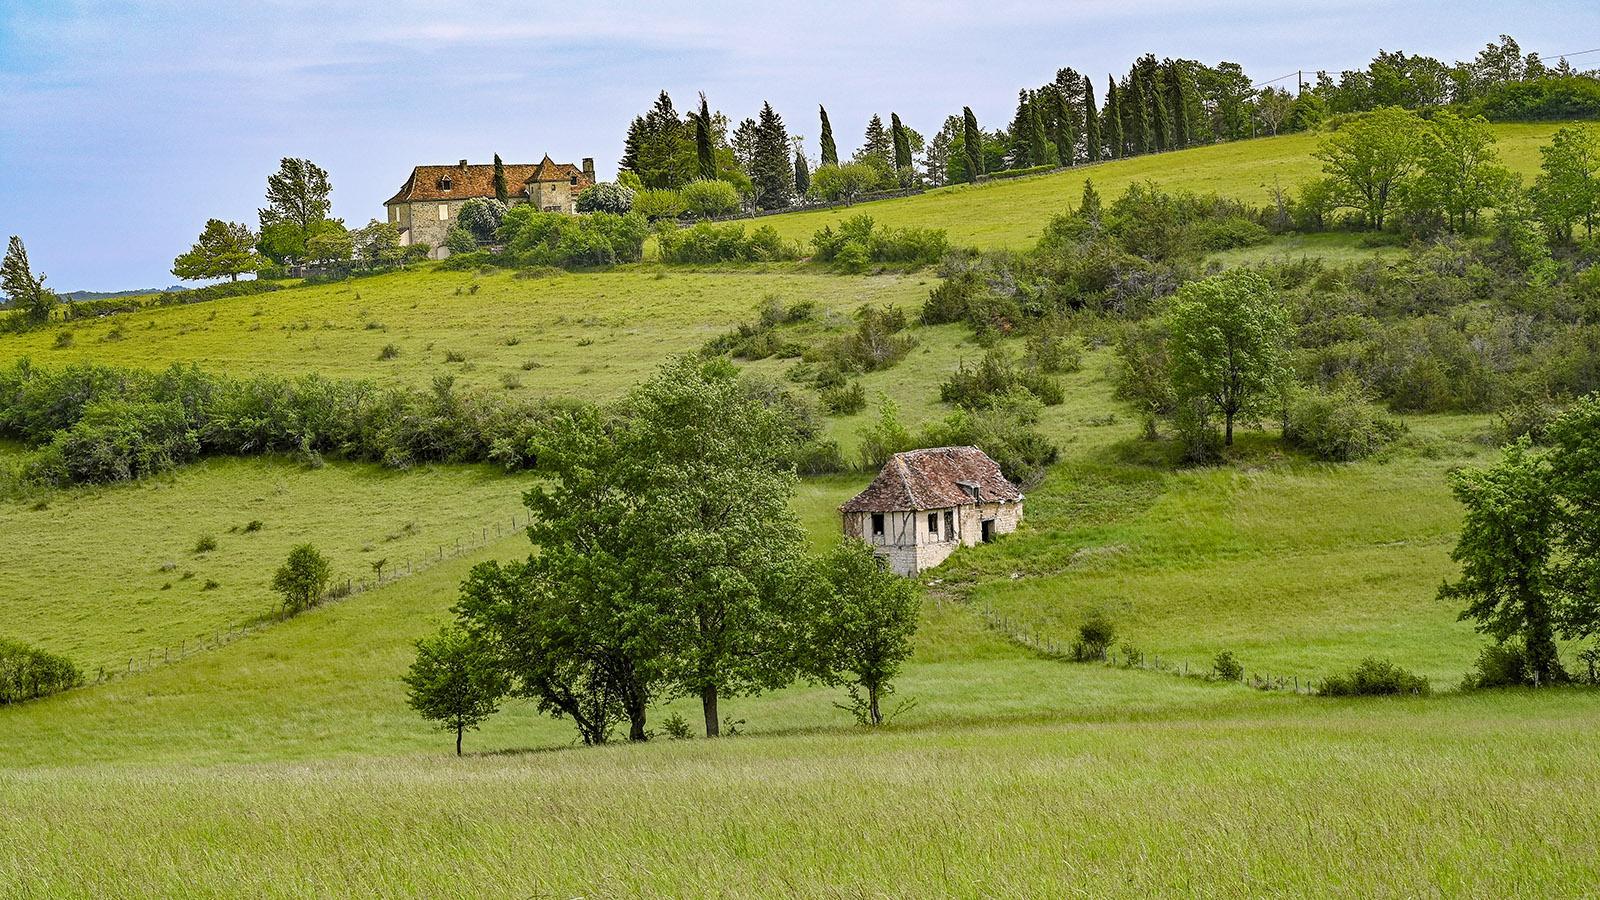 Sanft gewellte Hügel und rustikale Natürlichkeit: die typische Landschaft der Basse Corrèze. Foto: Hilke Maunder